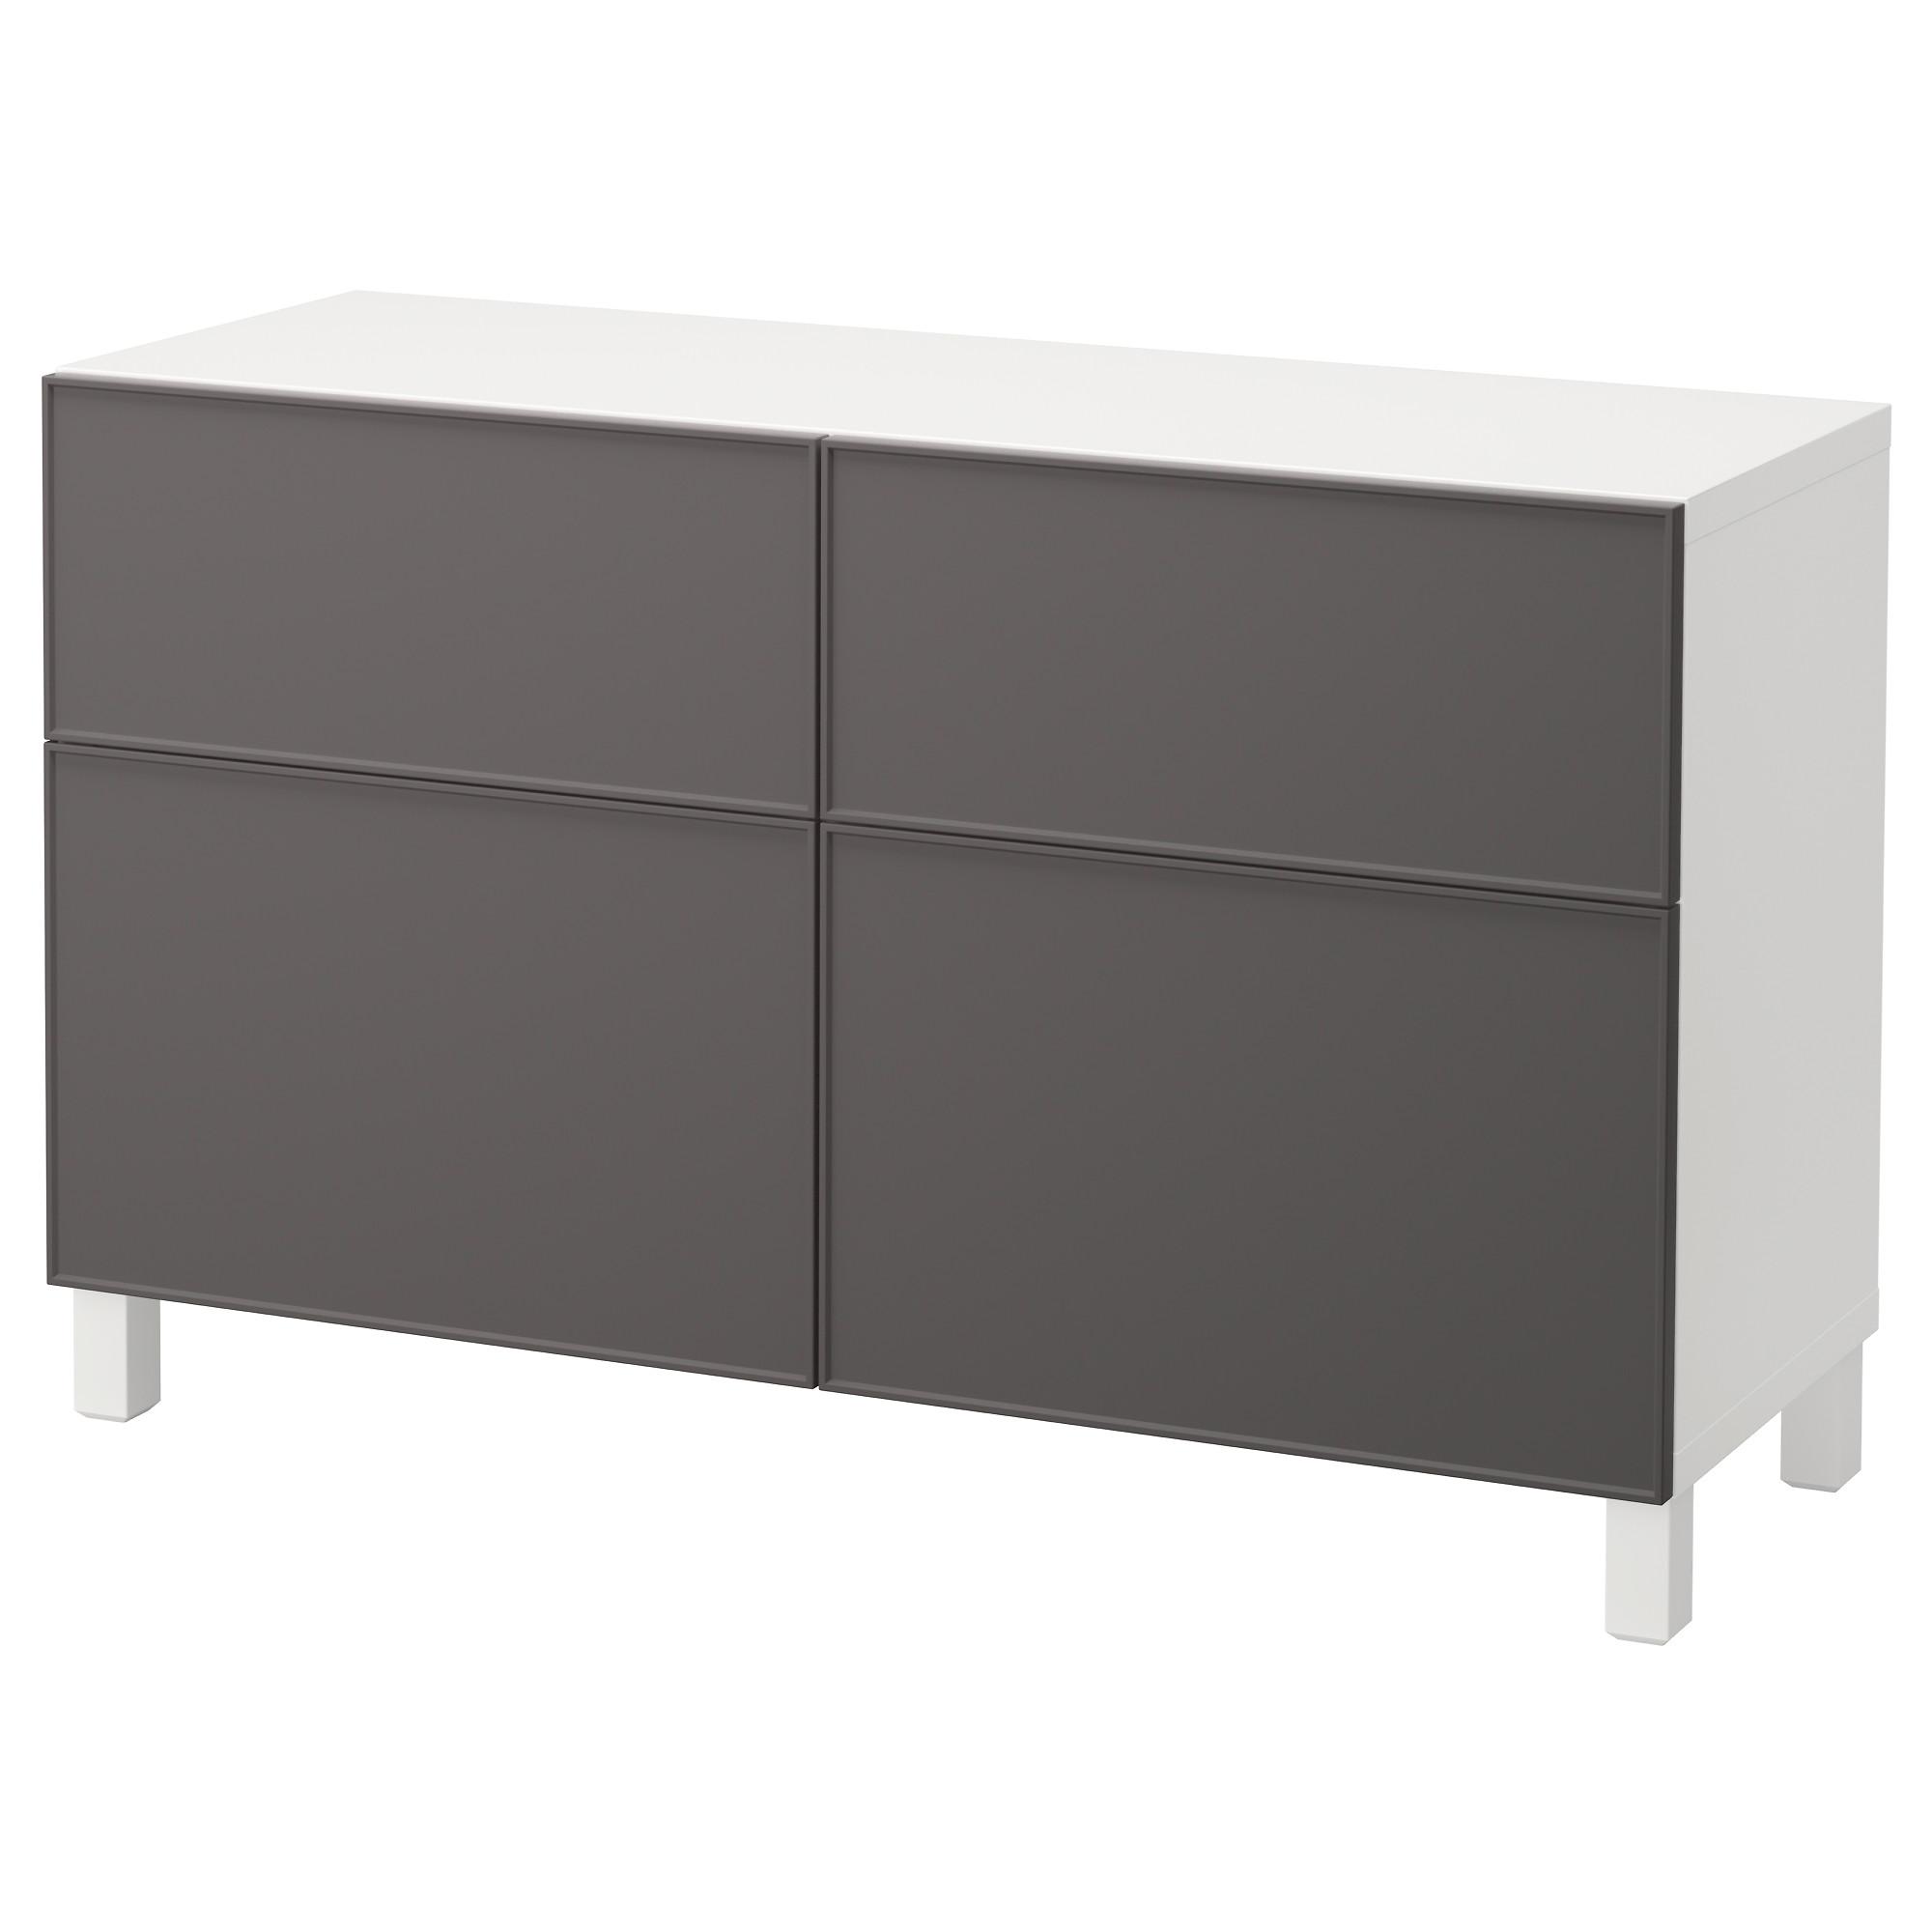 Комбинация для хранения с дверцами, ящиками БЕСТО темно-серый артикуль № 892.492.38 в наличии. Интернет сайт IKEA Беларусь. Недорогая доставка и установка.